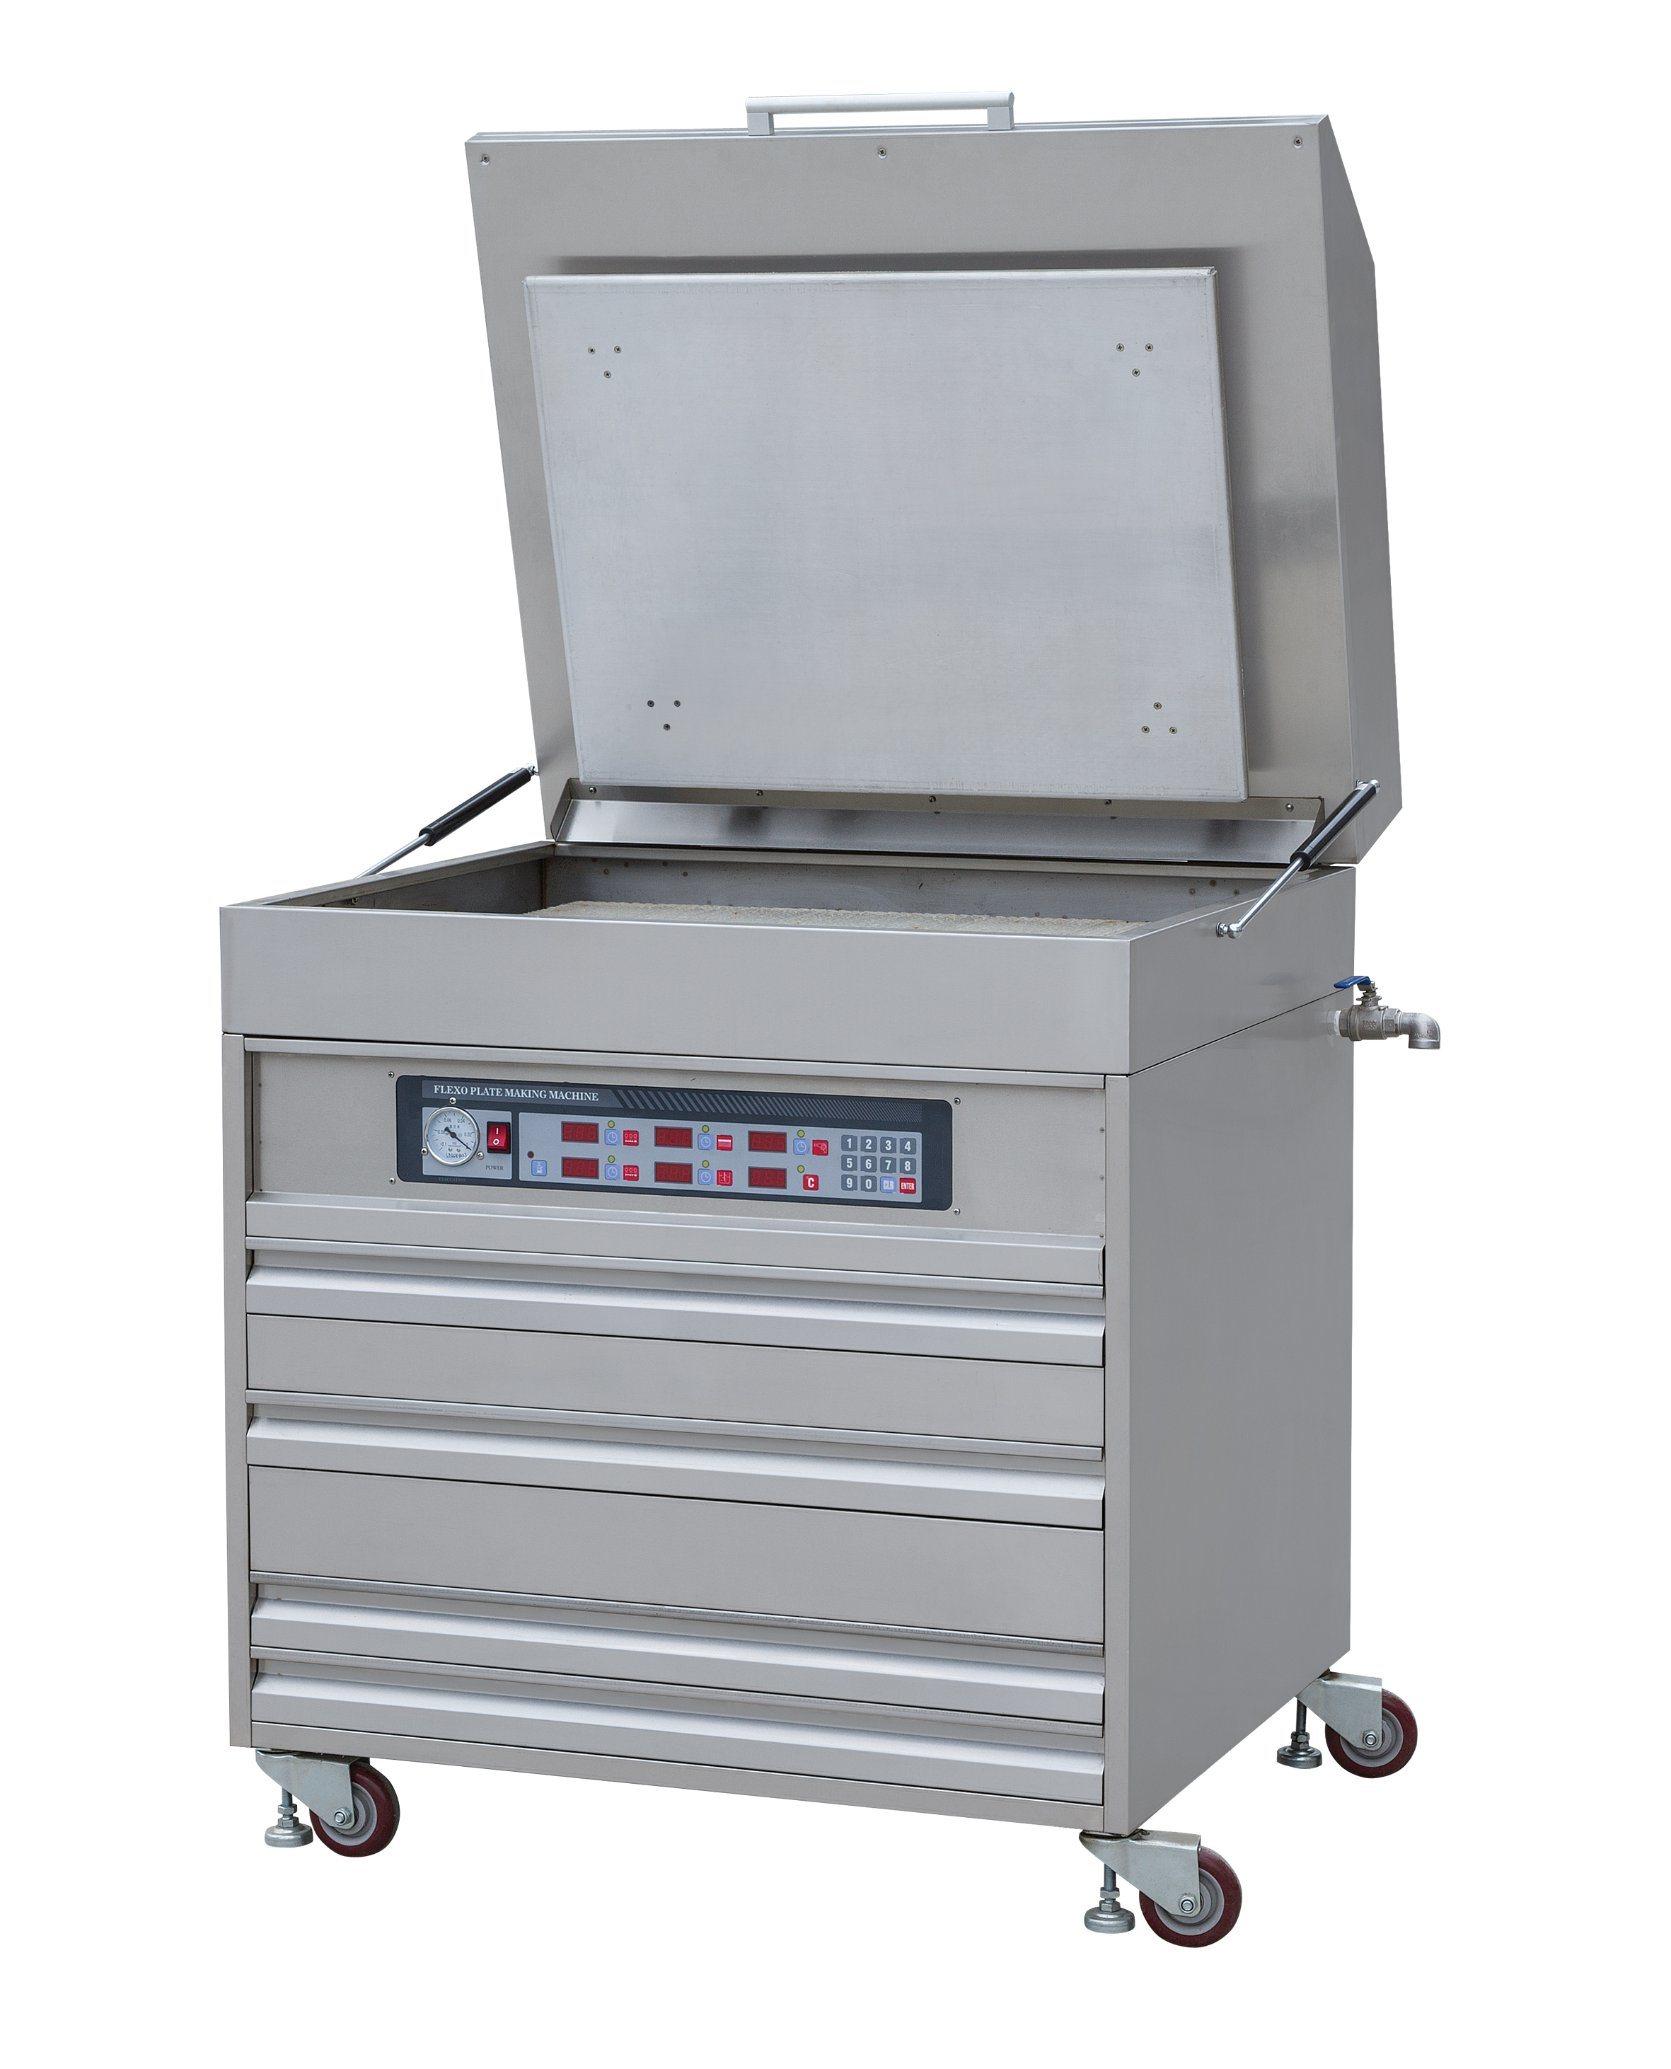 China Photopolymer Plate Making Machine, Photopolymer Plate Making Machine  Manufacturers, Suppliers, Price | Made-in-China com